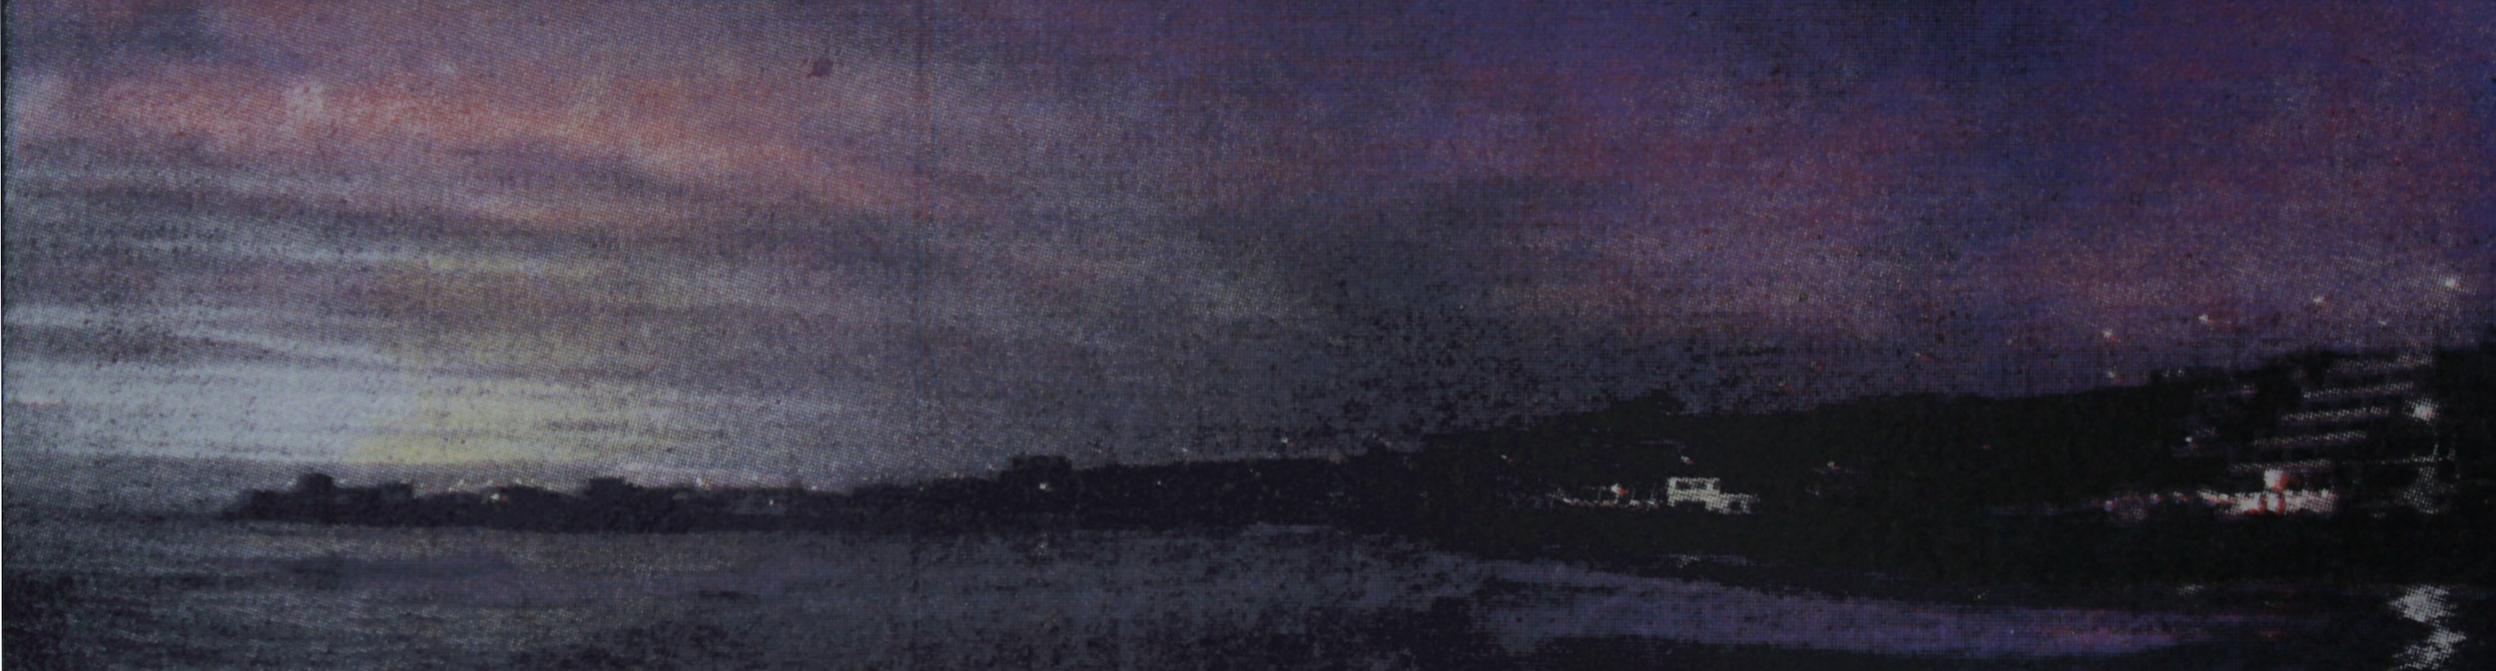 luznocturna-mor-arr.jpg